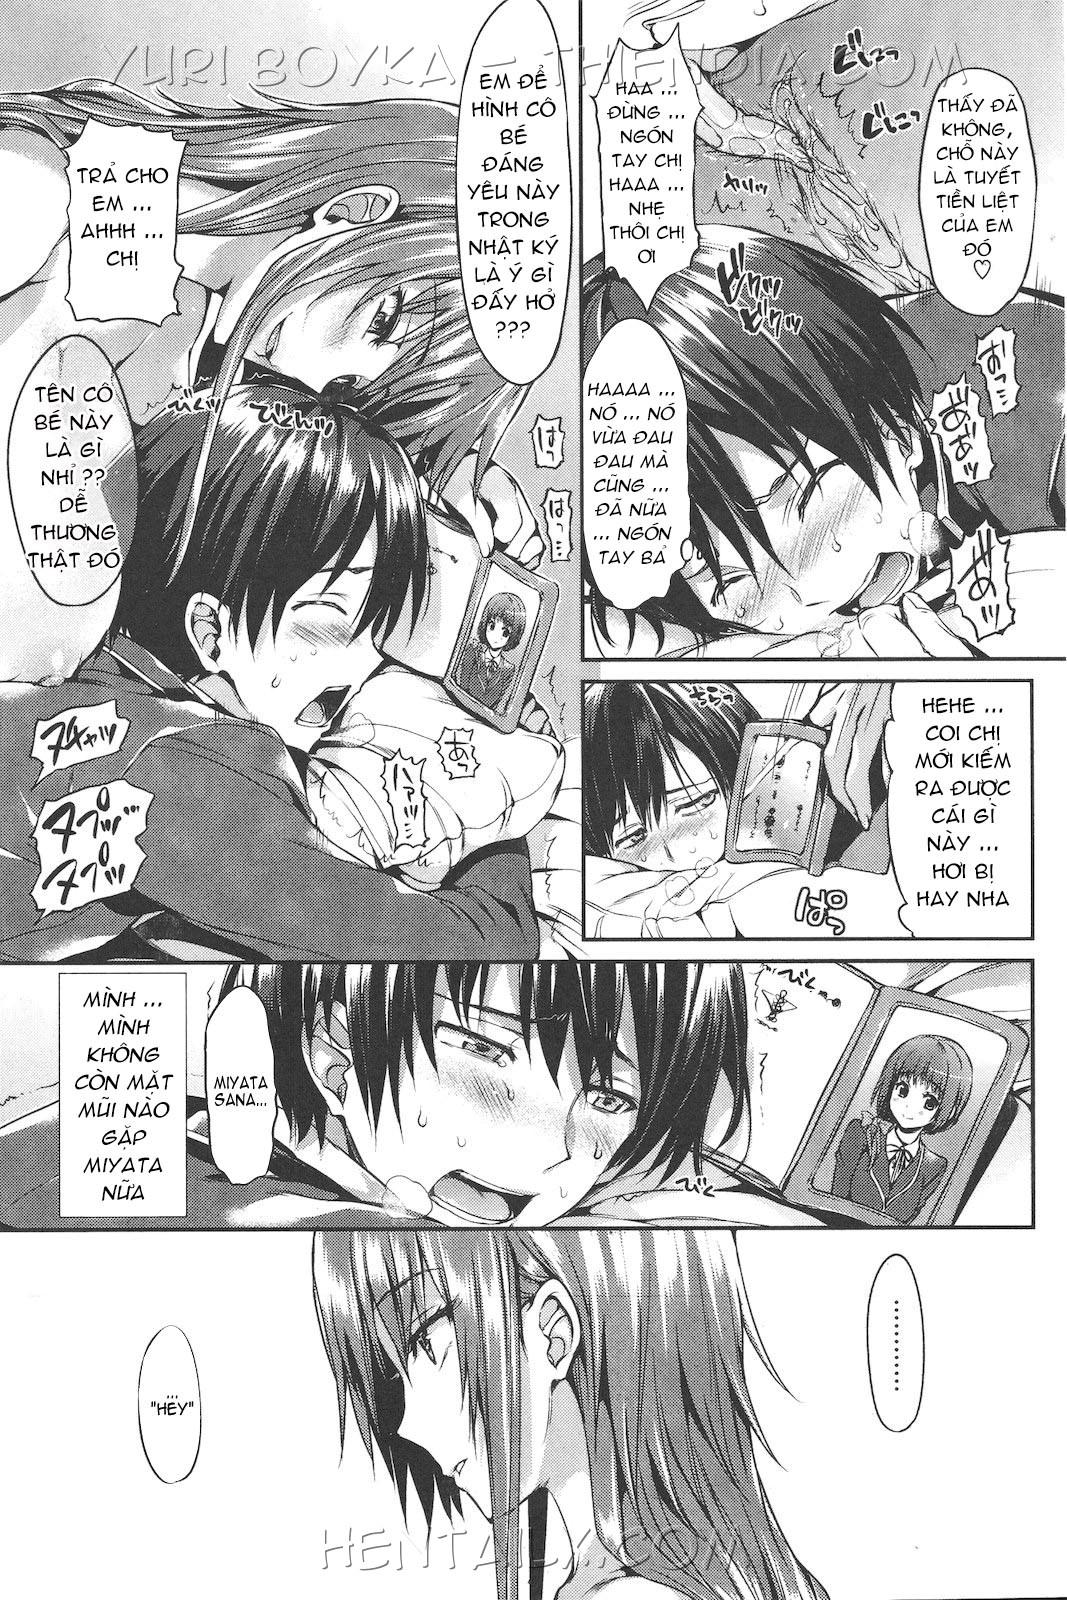 009 Truyện Hentai Ngày nghỉ của chị hàng xóm